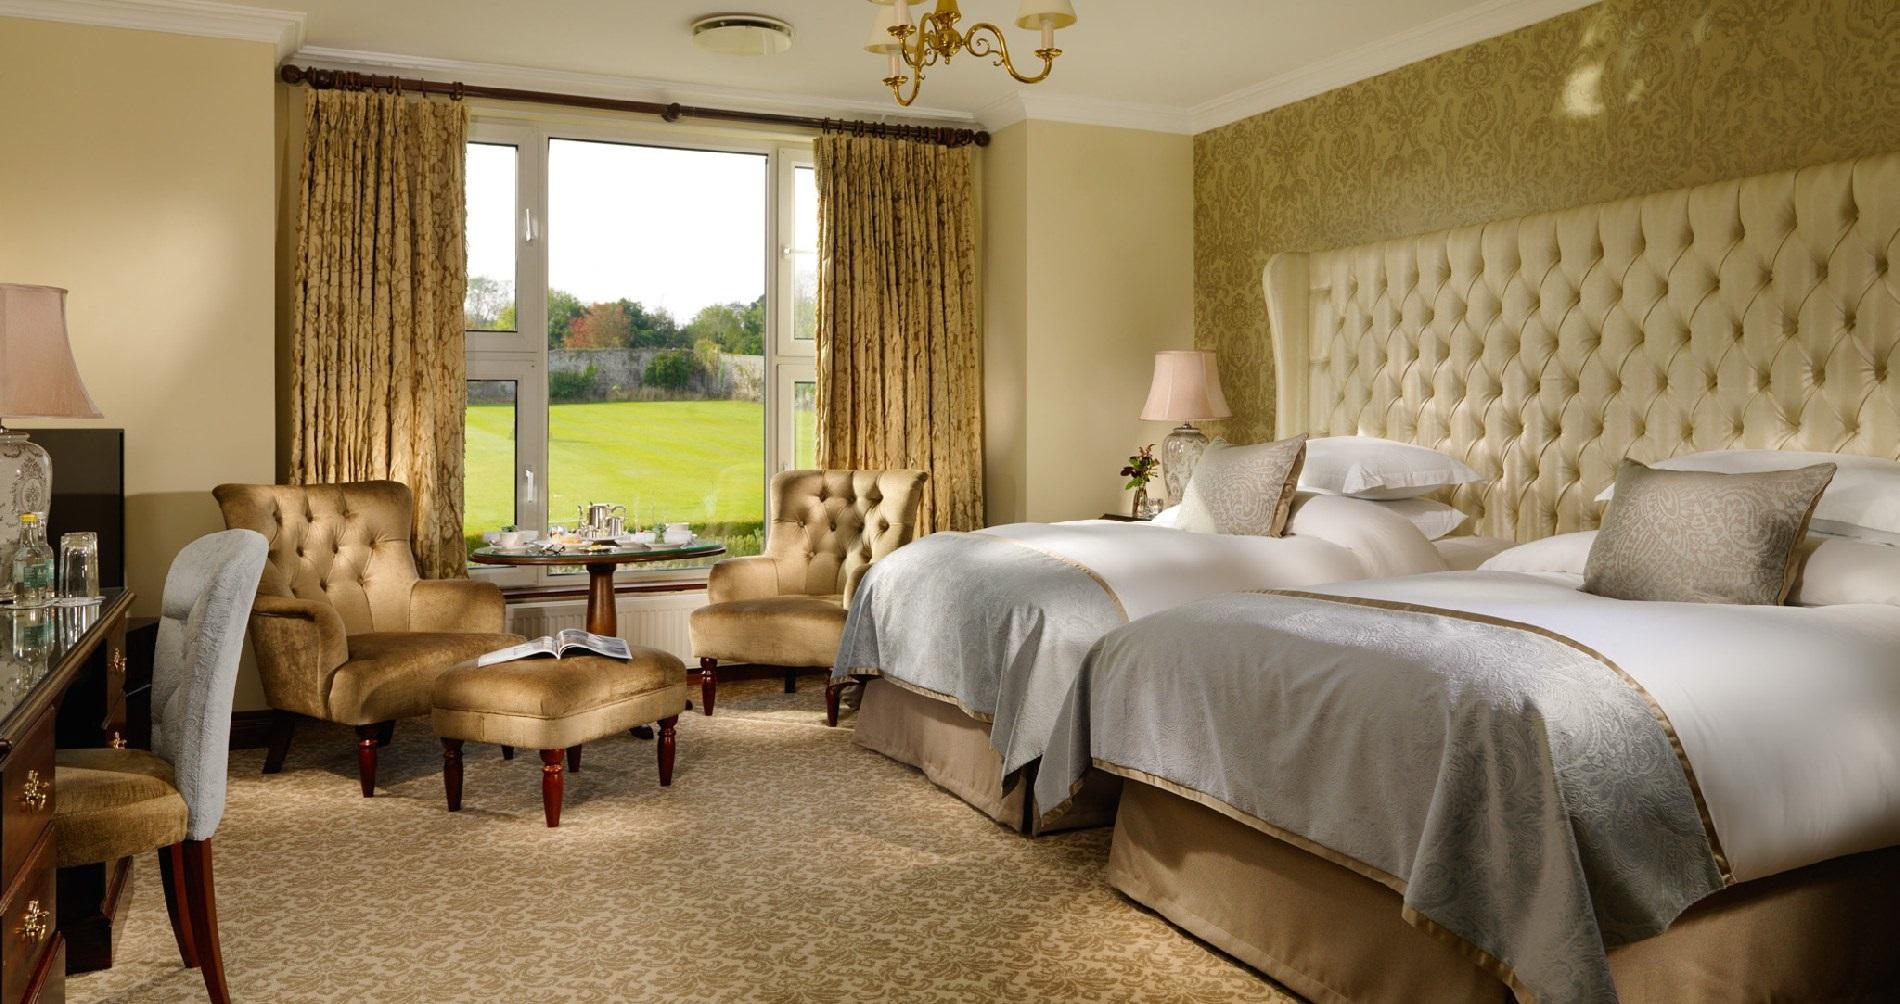 Thiết kế phòng ngủ khách sạn 5 sao với màu sắc hài hòa - Housedesign